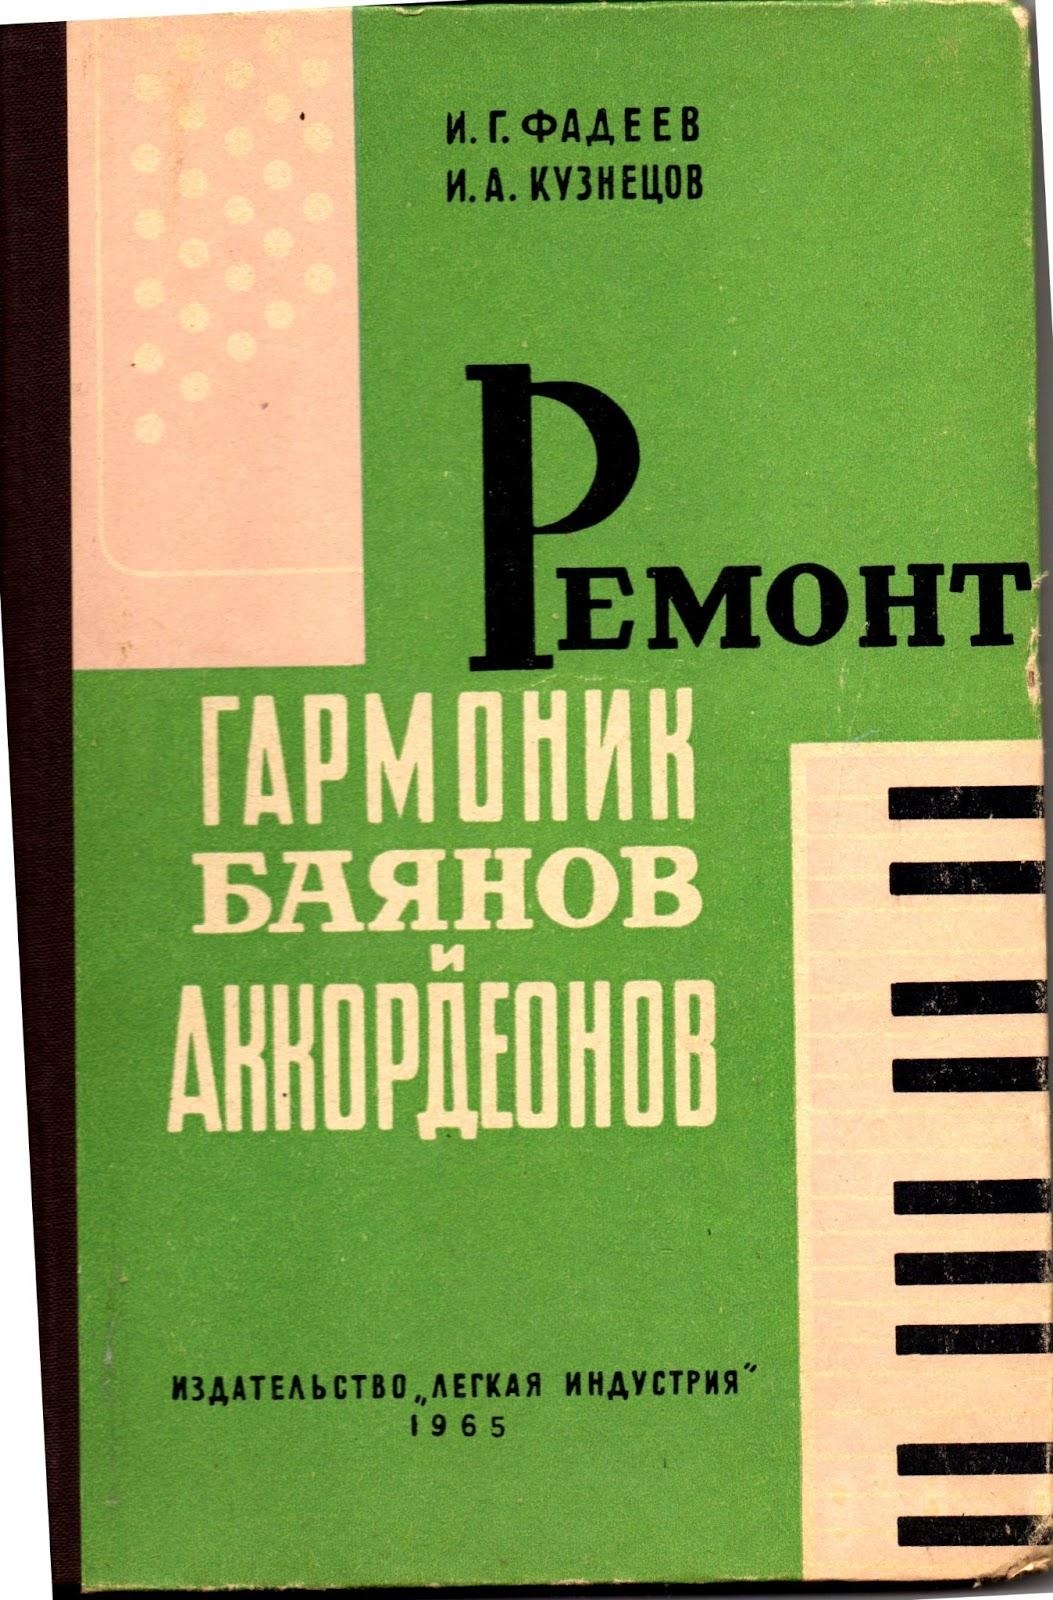 Ремонт гармоник баянов и аккордеонов книга скачать